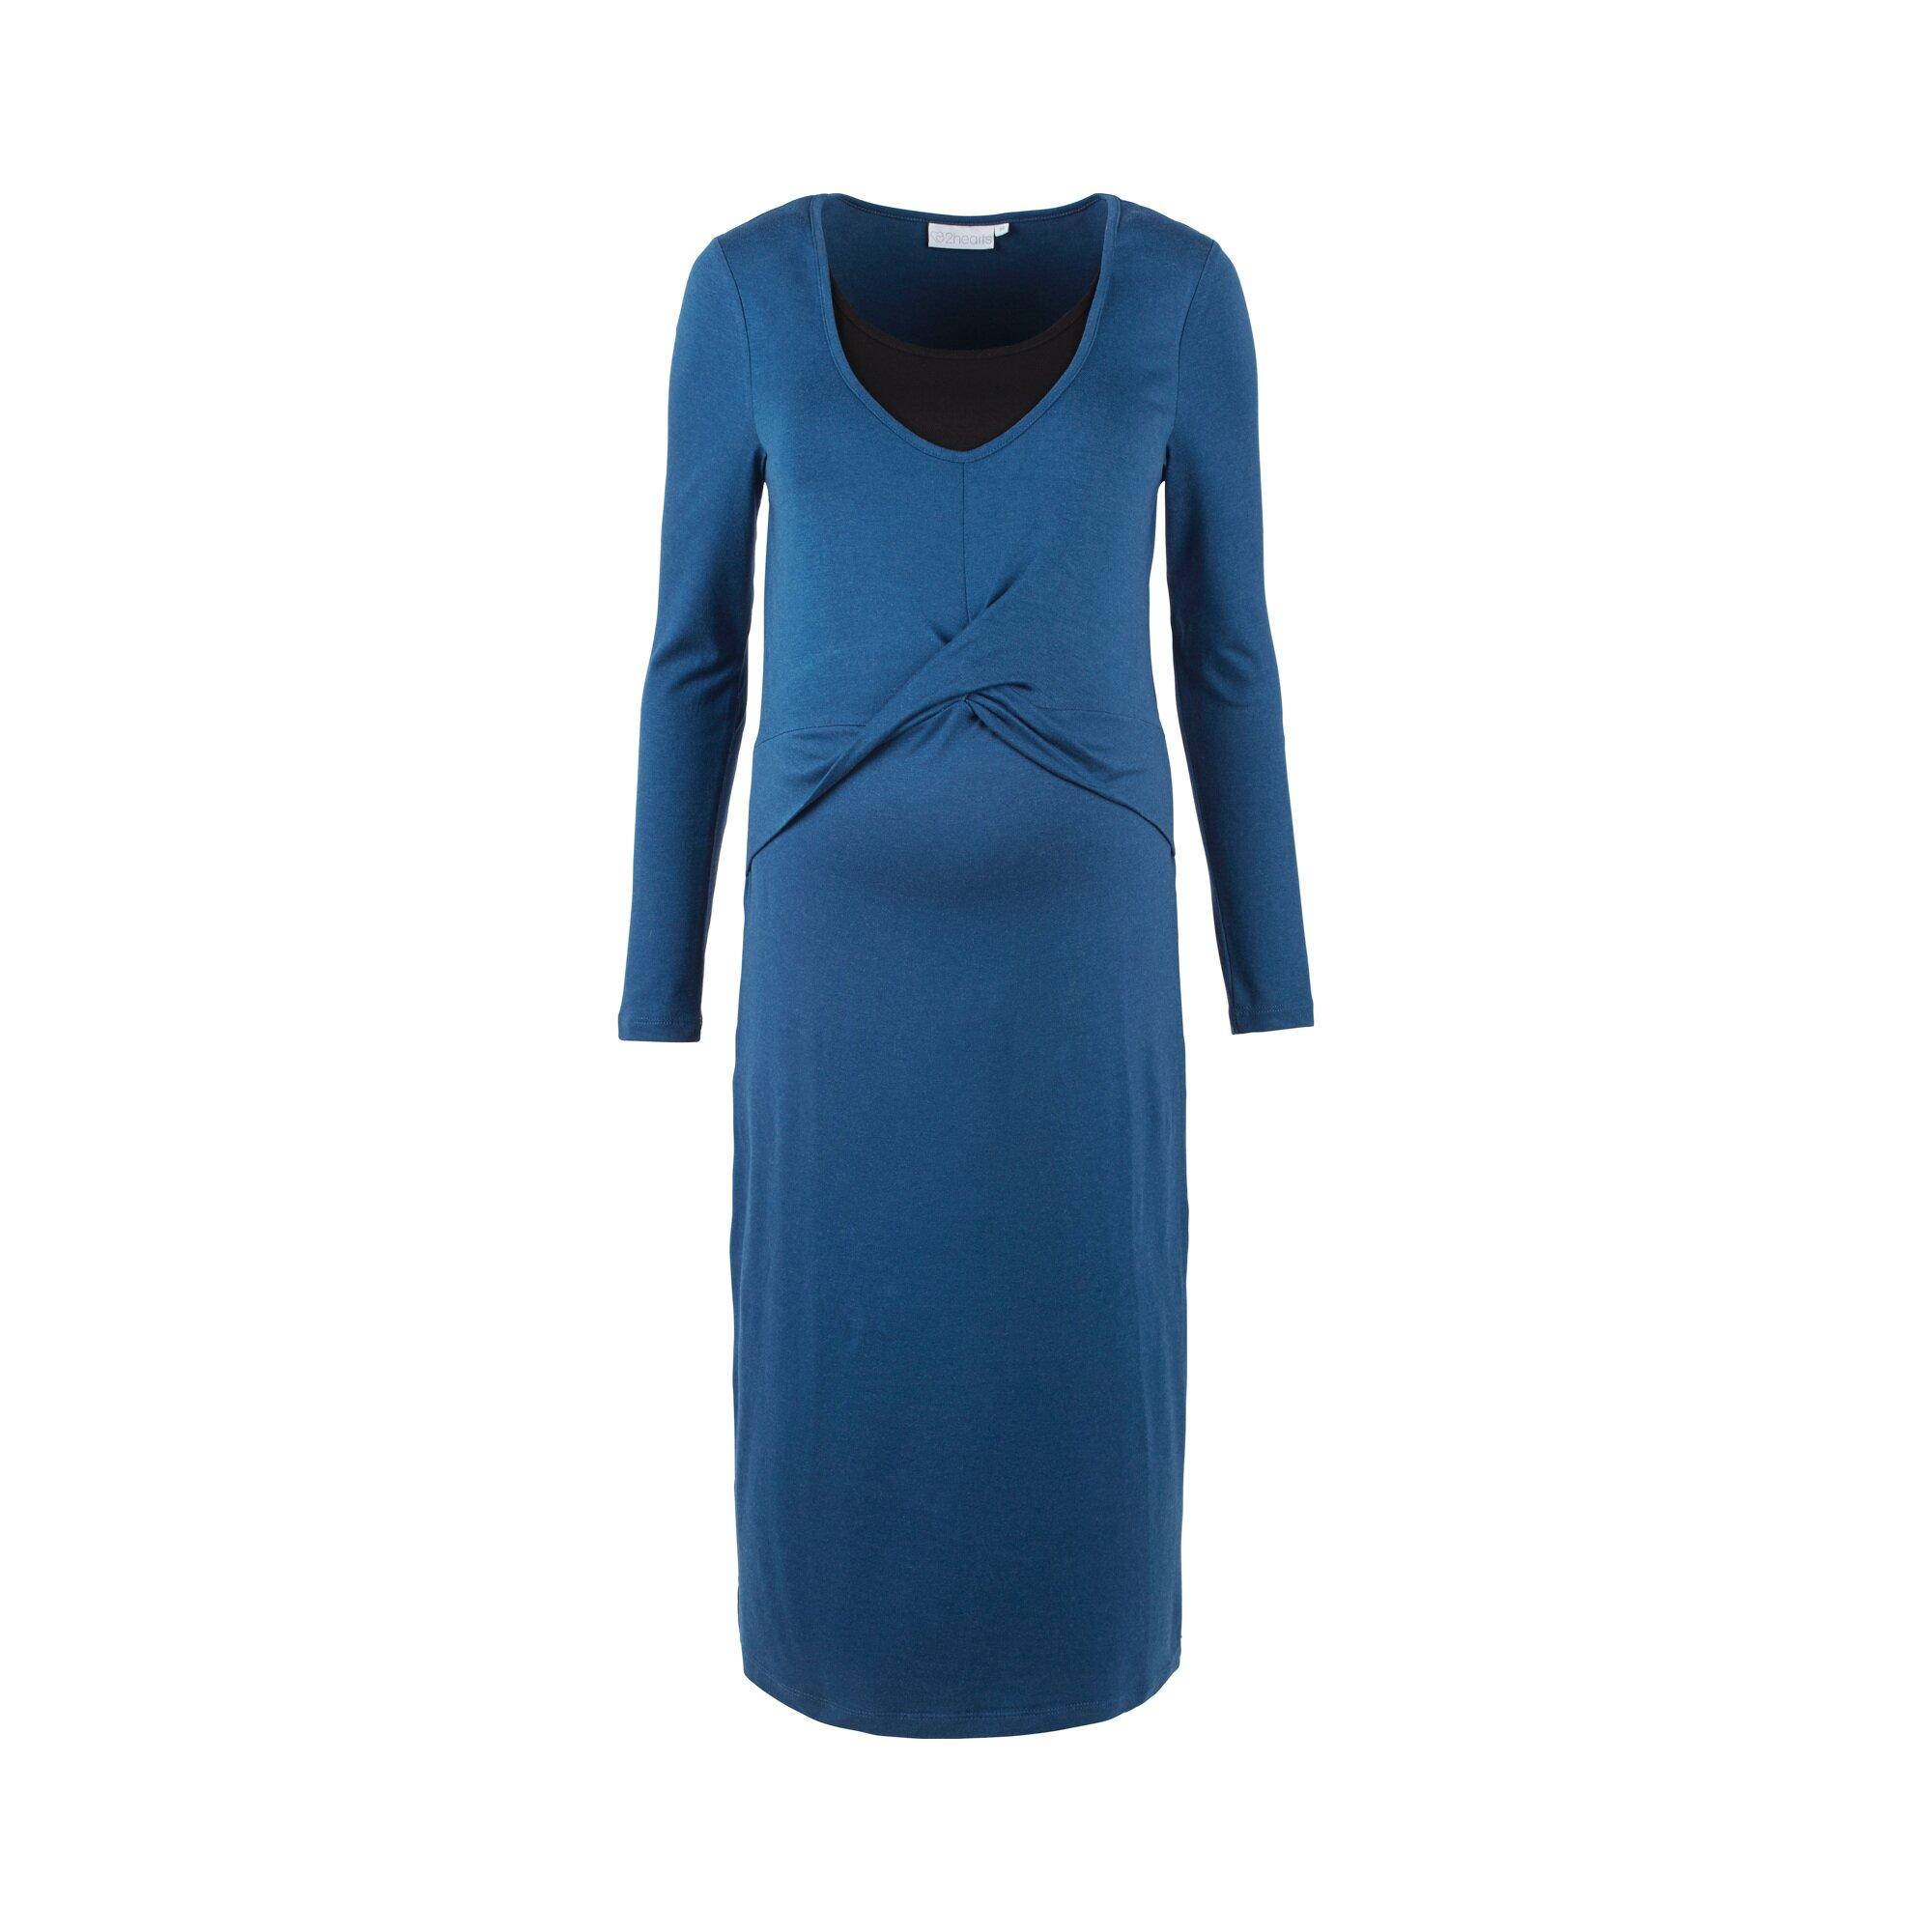 2hearts Umstands- und Still-Kleid